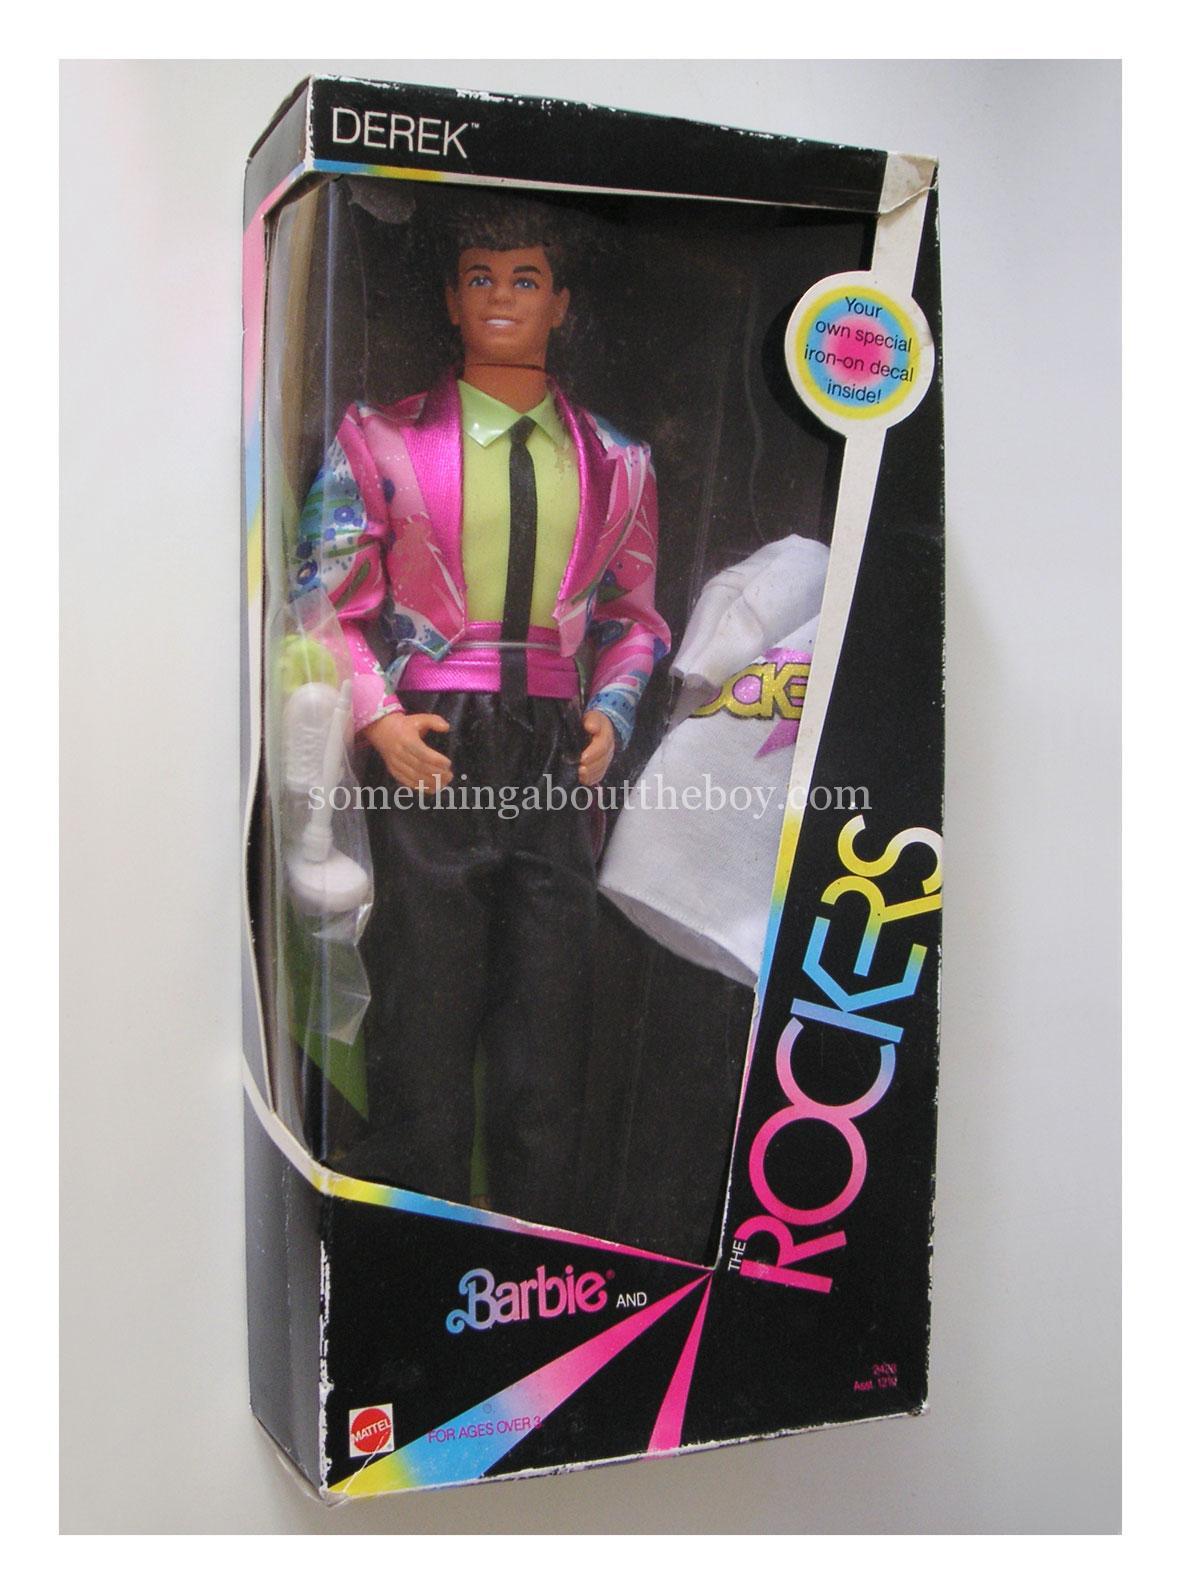 1986 #2428 Derek in original packaging